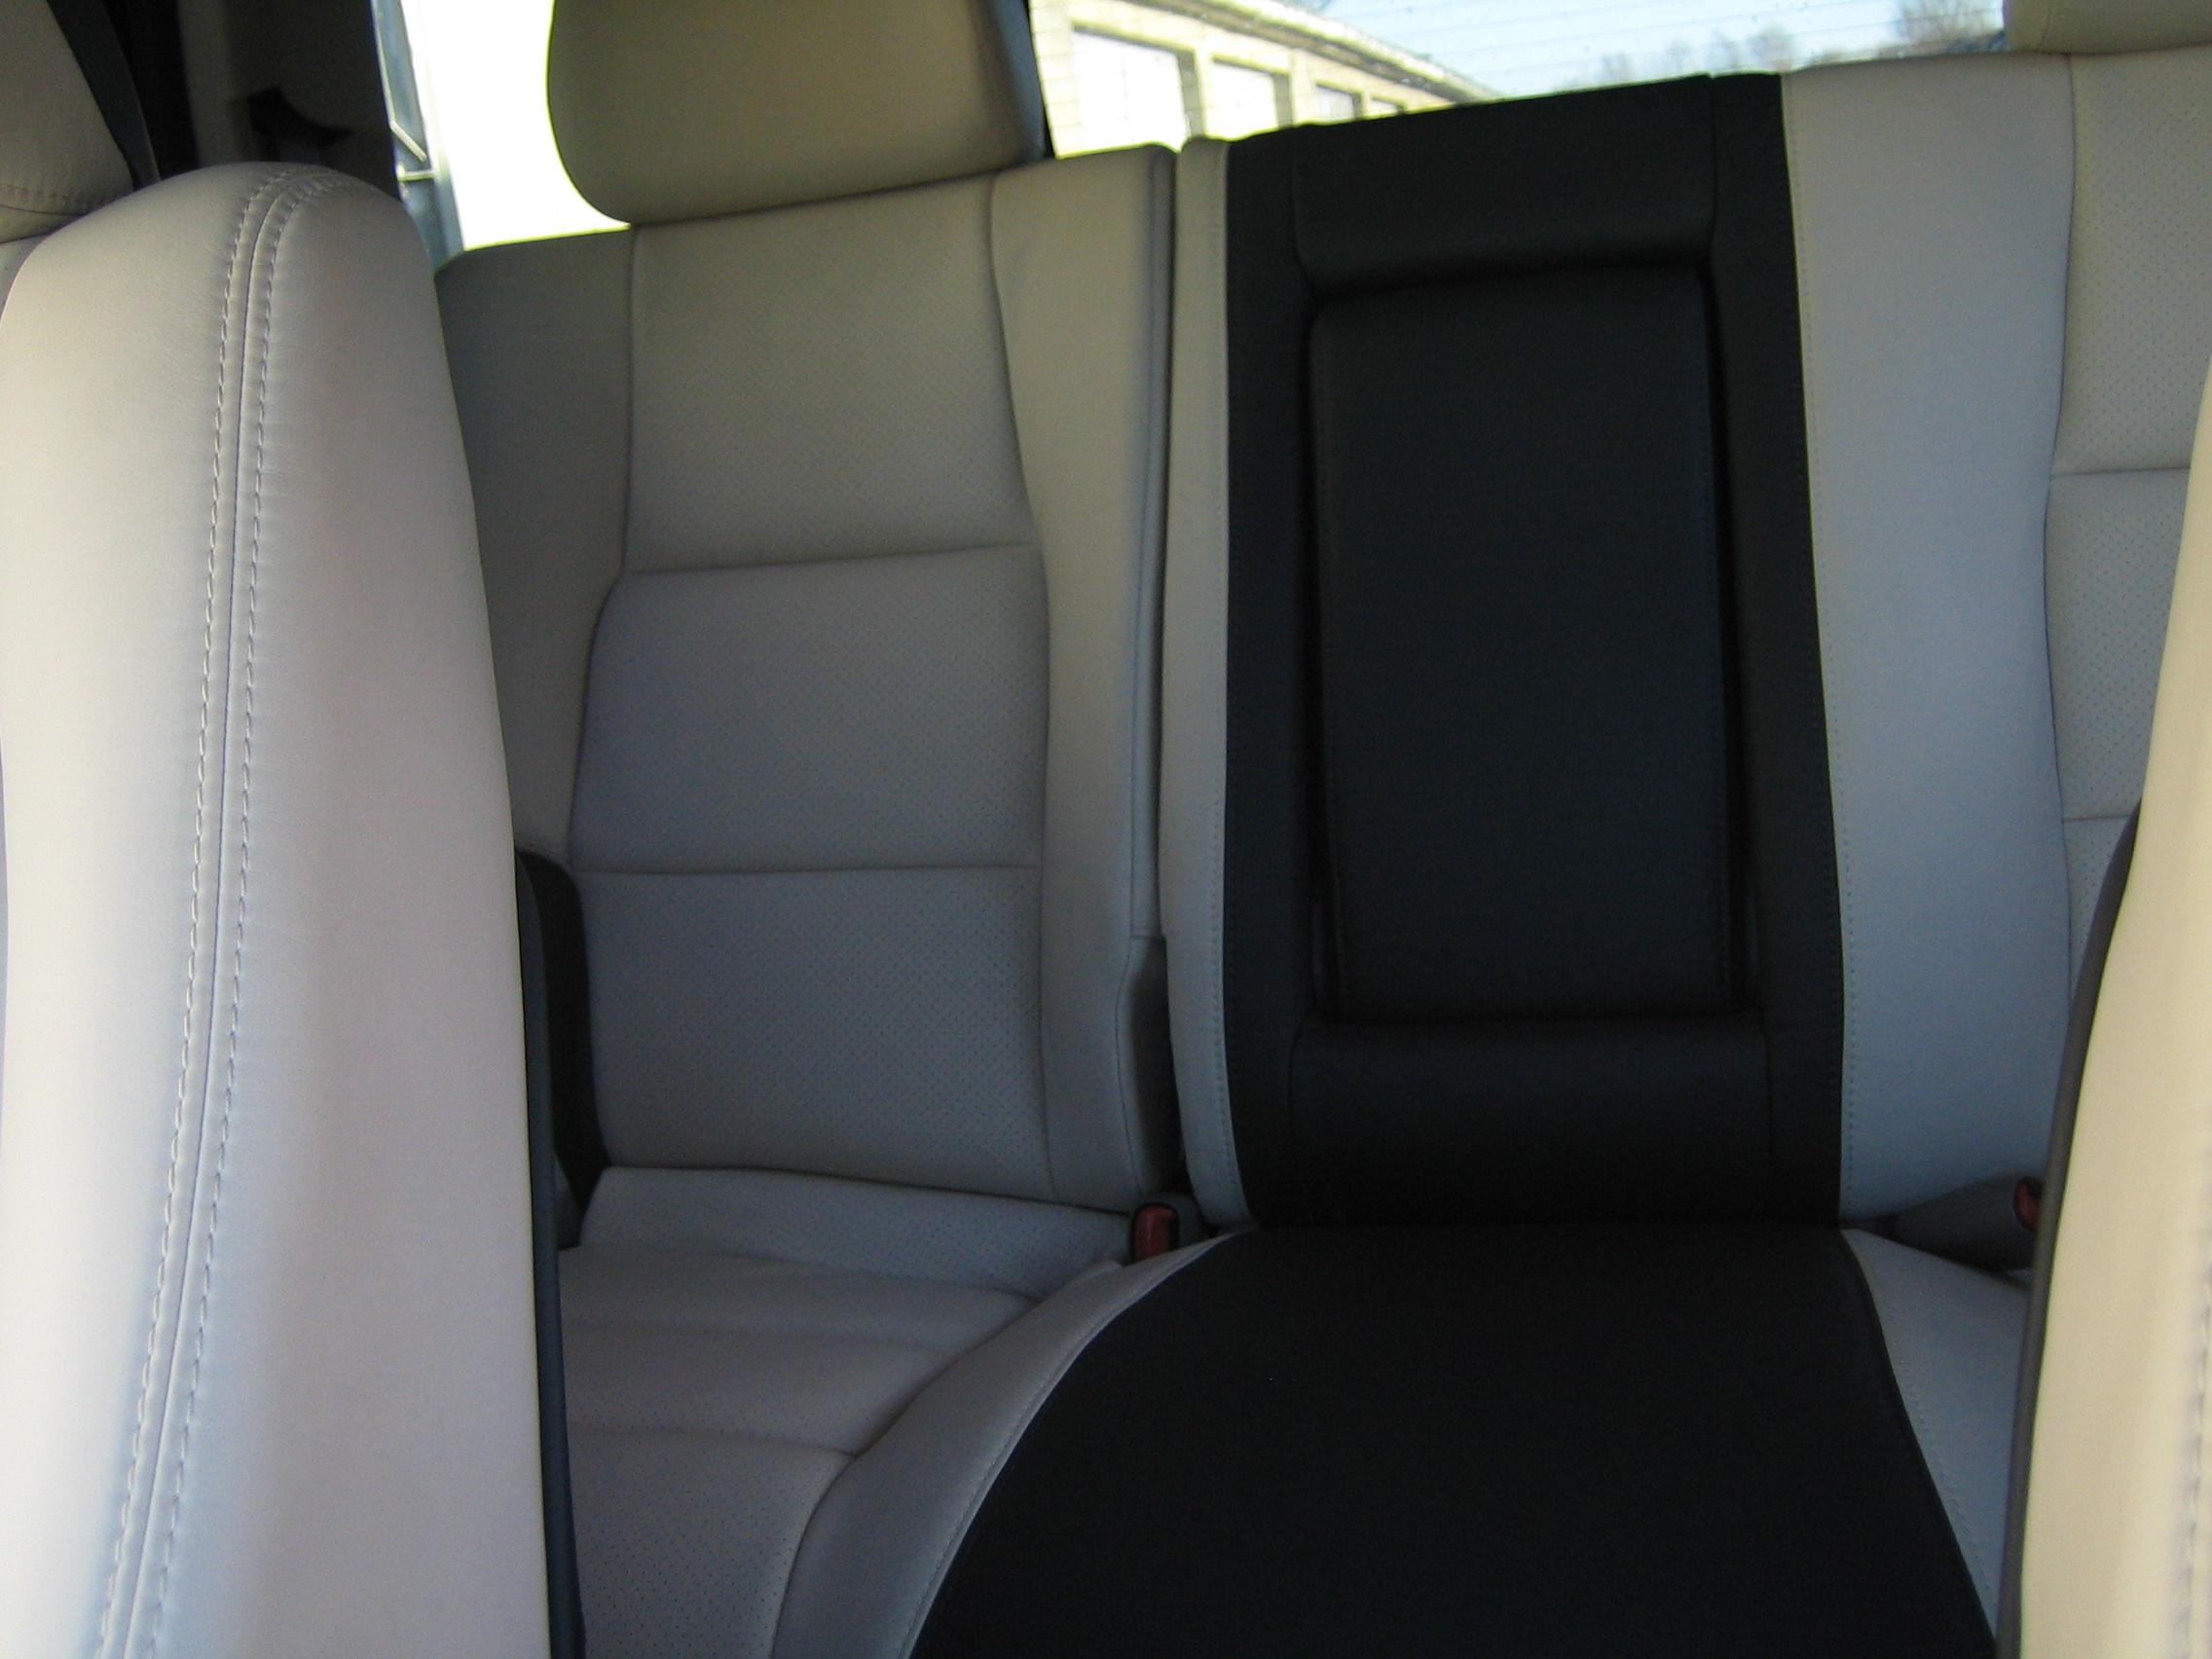 Ledersitze - Innenausstattung für Fahrzeuge 024